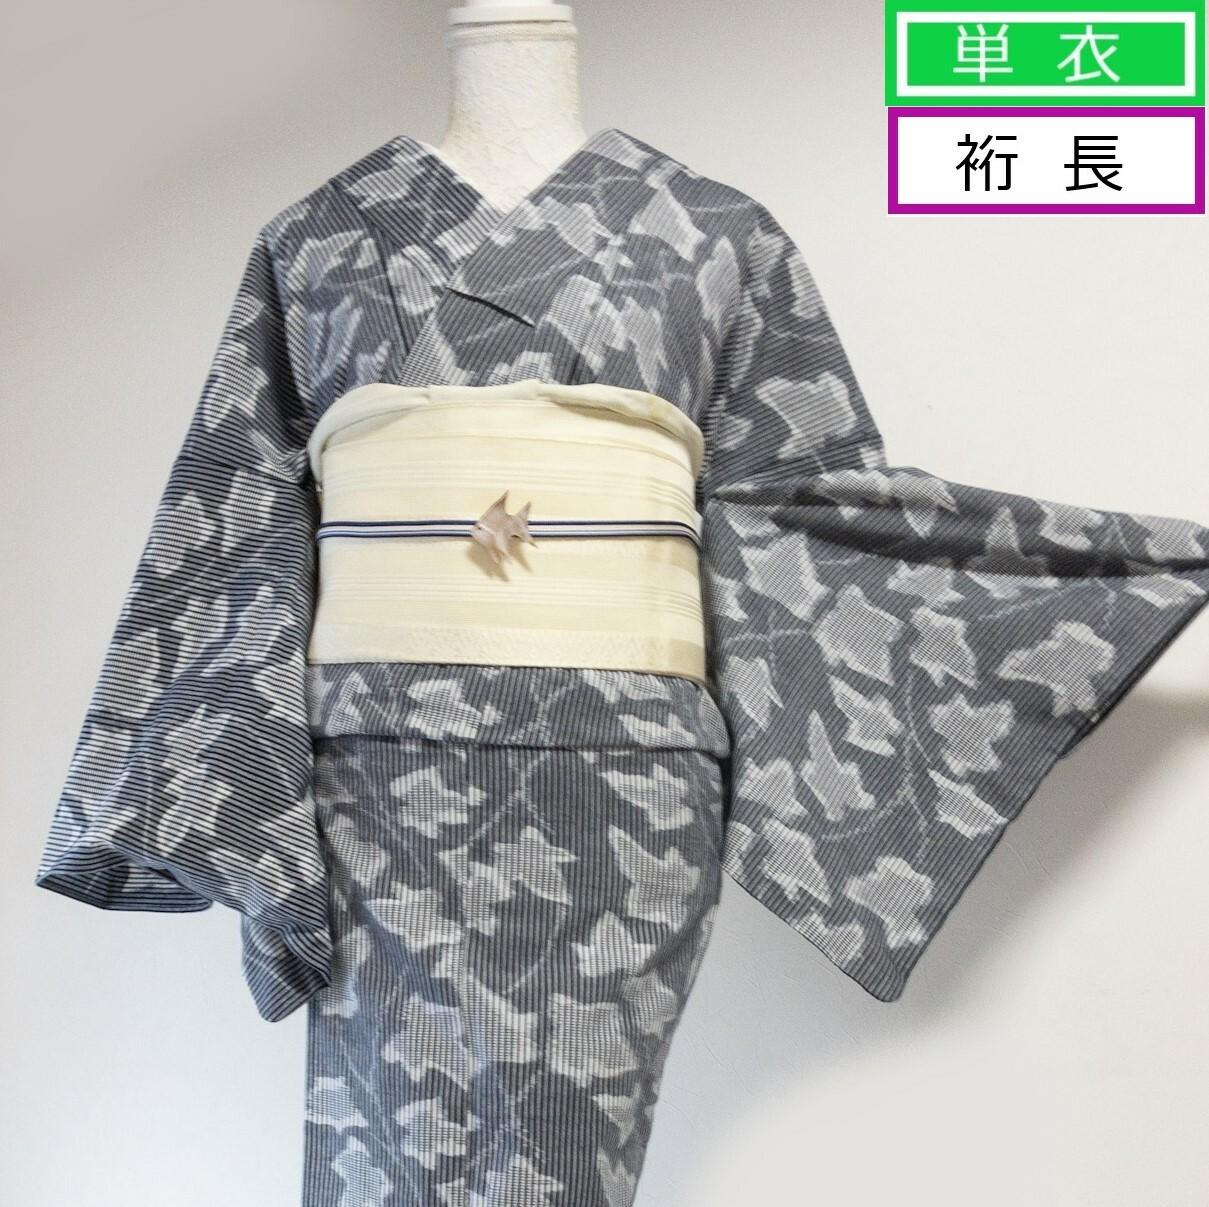 【美品 裄長】単衣 木綿透け感なし 白・濃紺ストライプにアイビー柄 白×紺系 丈164裄70